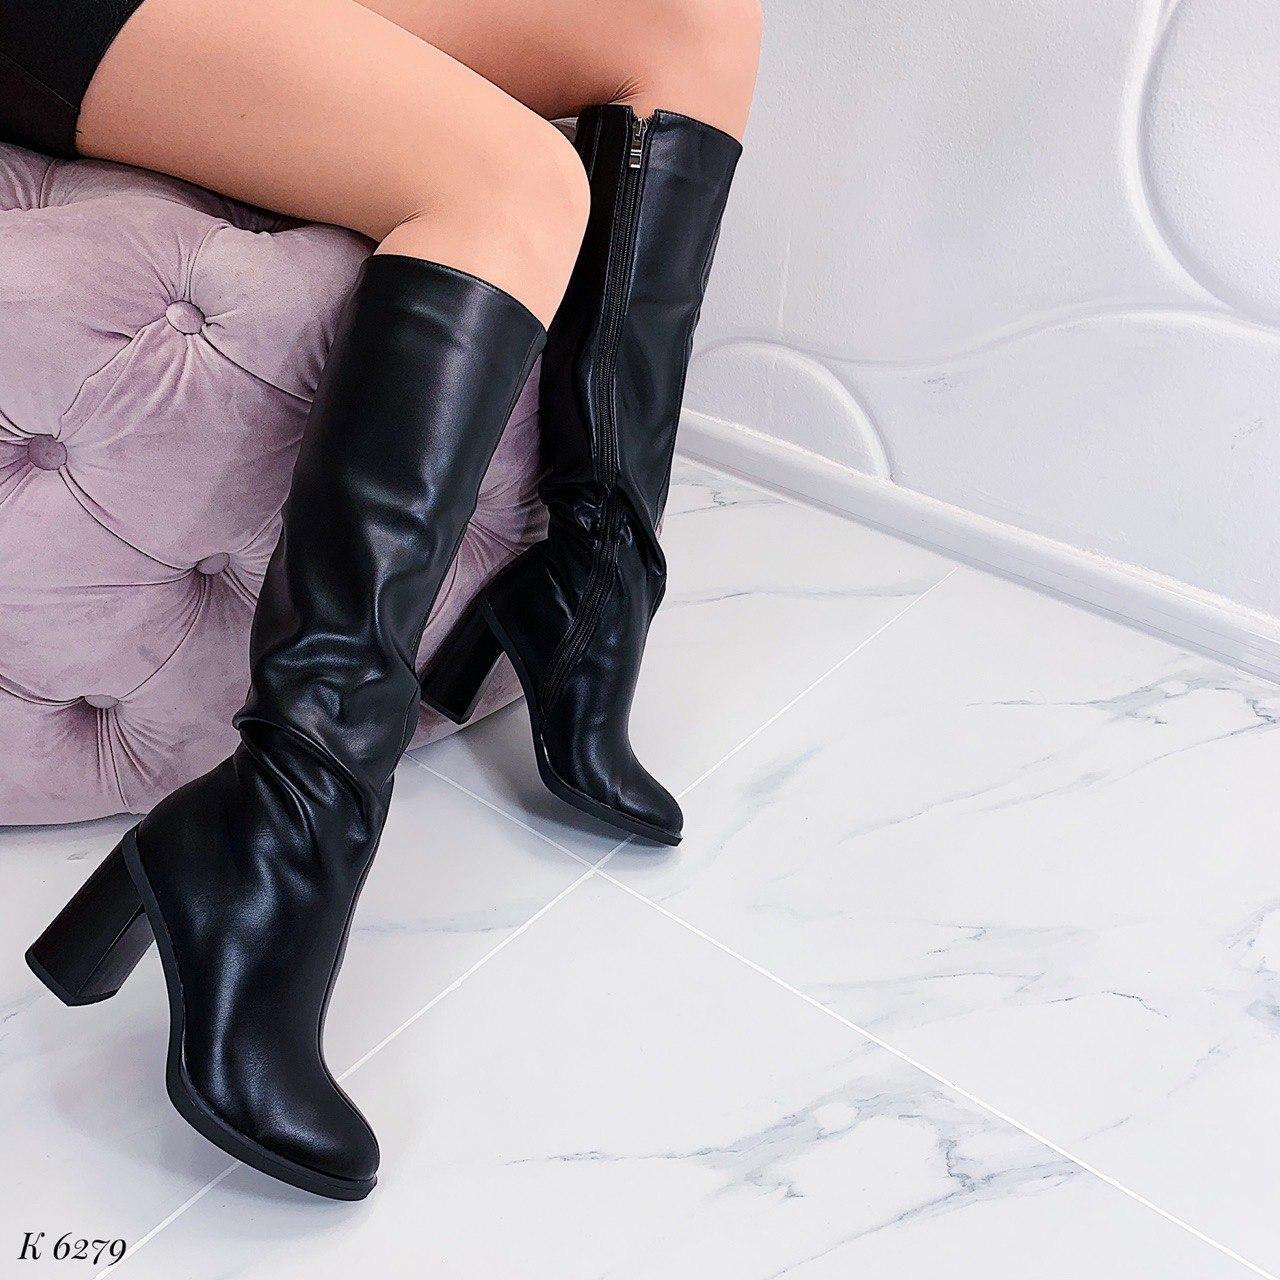 Чорні демісезонні чорні чоботи на підборах 9,5 см еко-шкіра